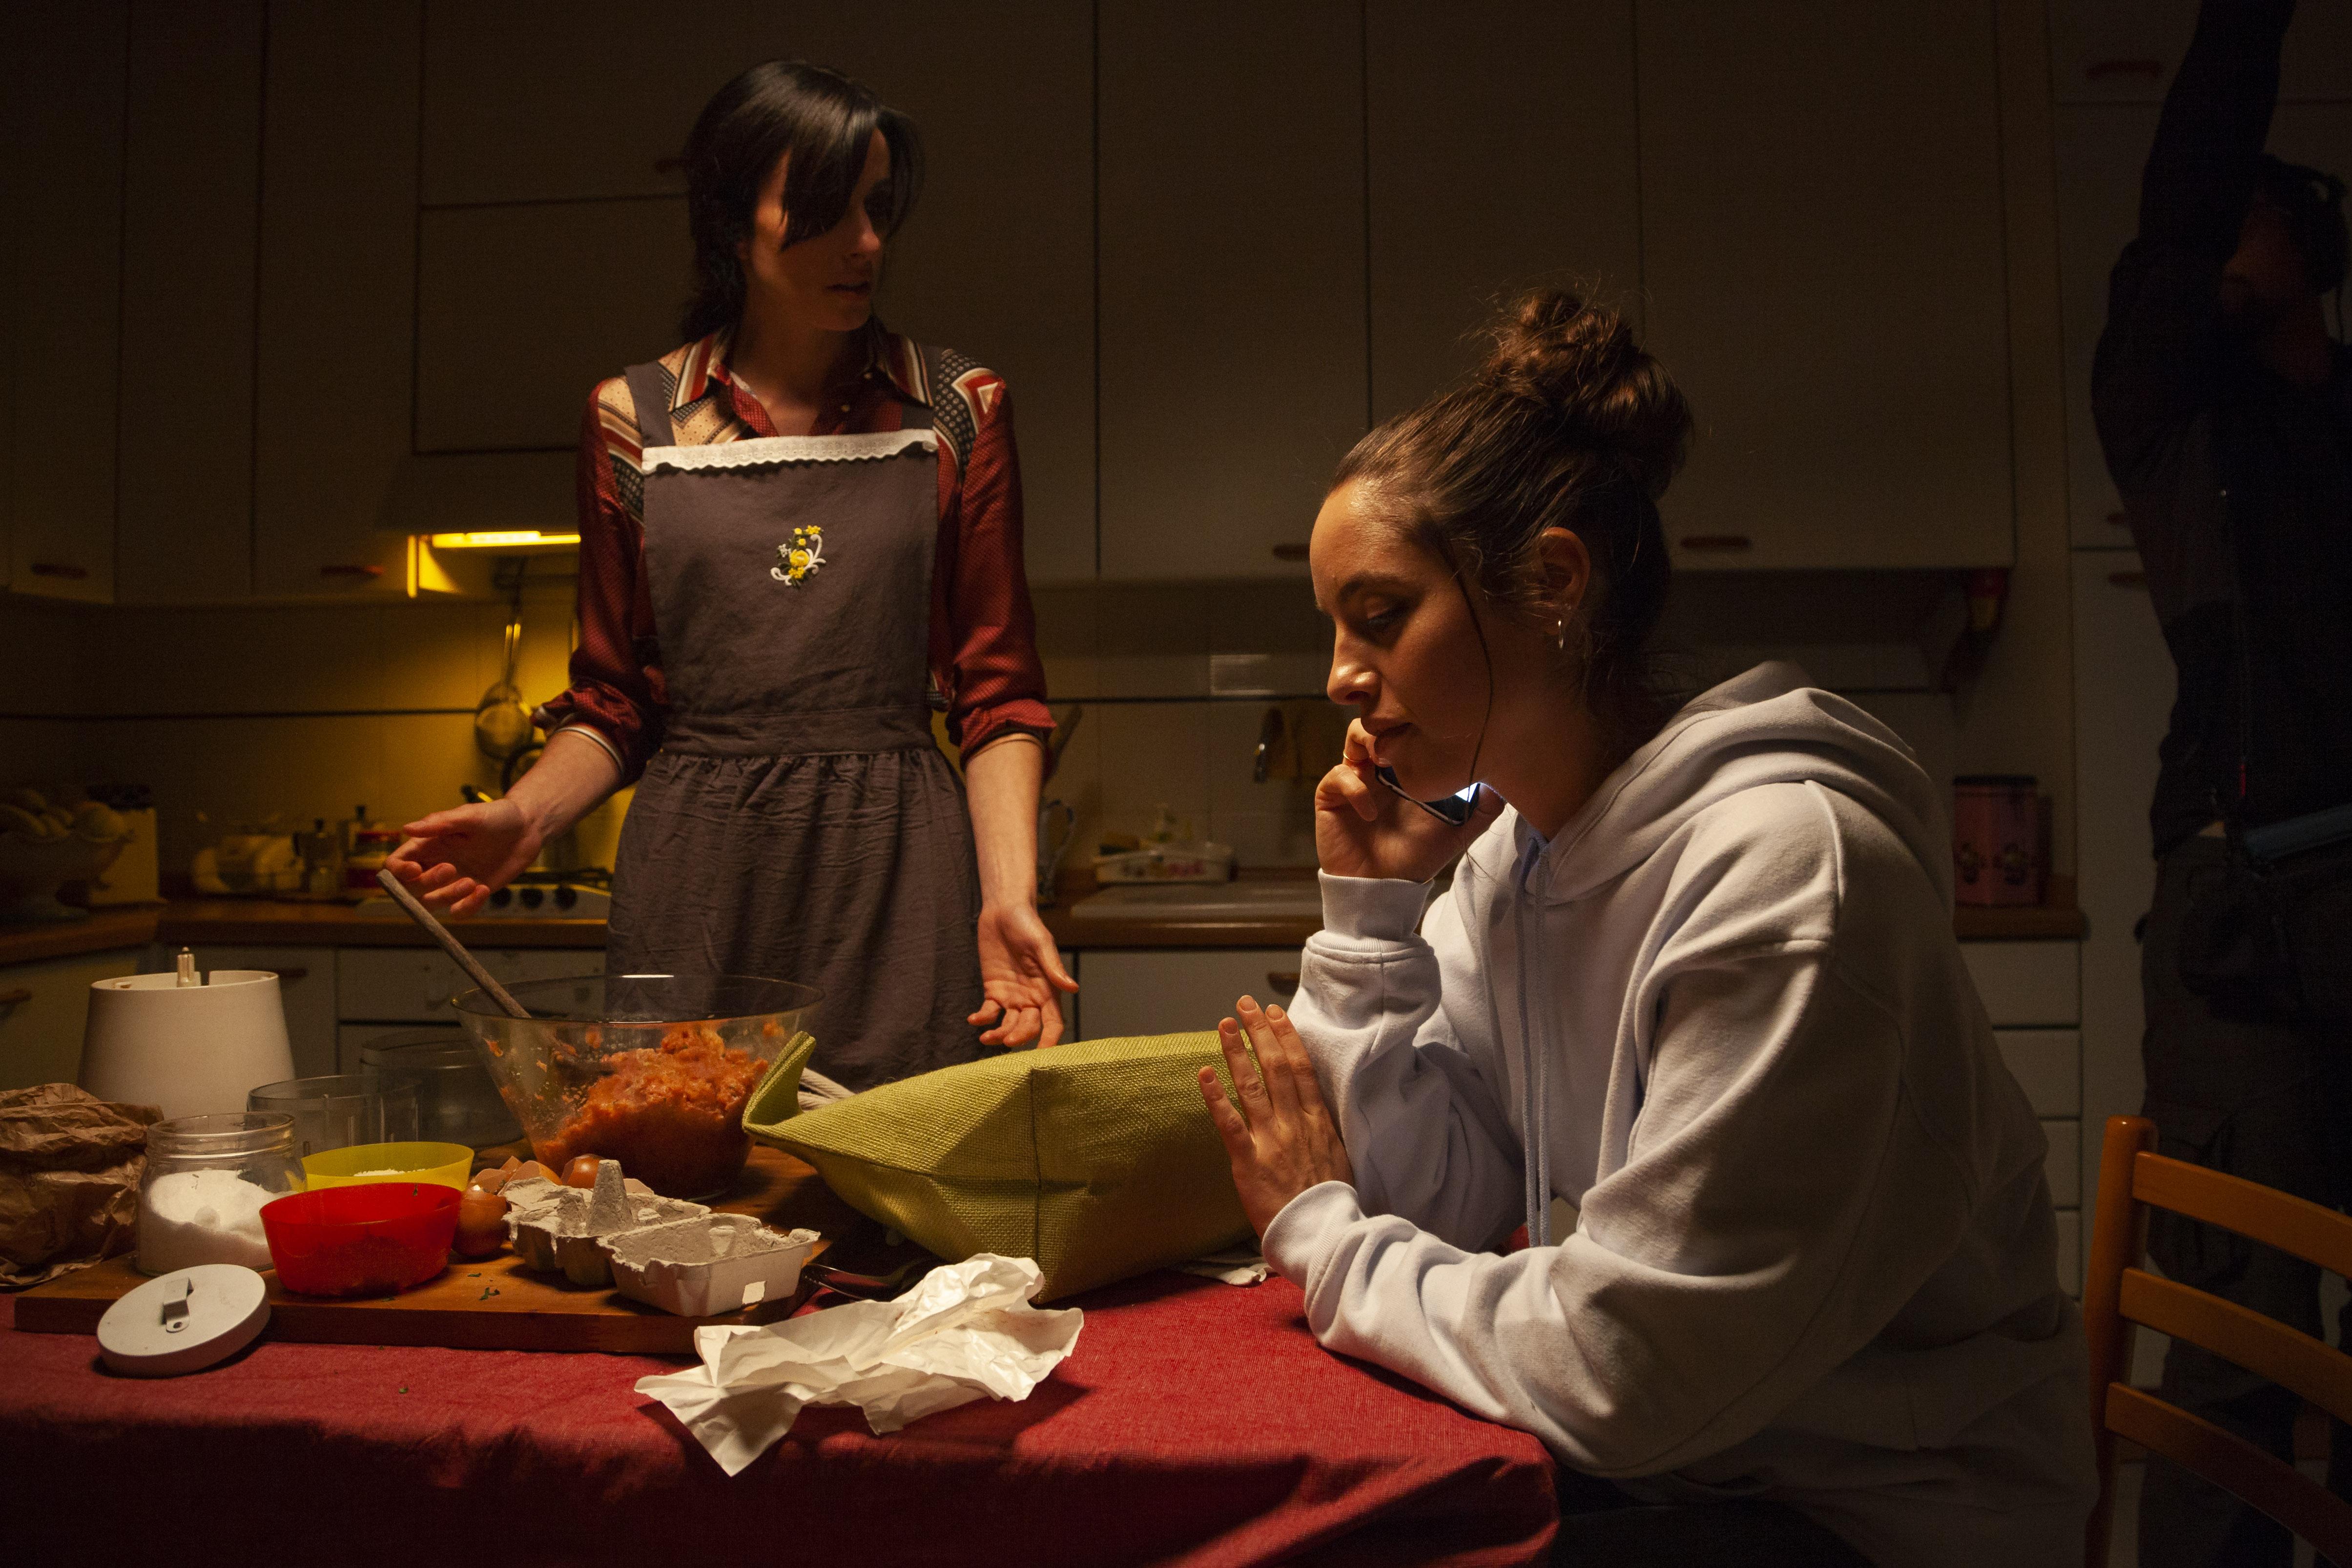 MINI FILMLAB: al via la seconda edizione del progetto nato dalla collaborazione tra  MINI e OffiCine che promuove i giovani filmmaker